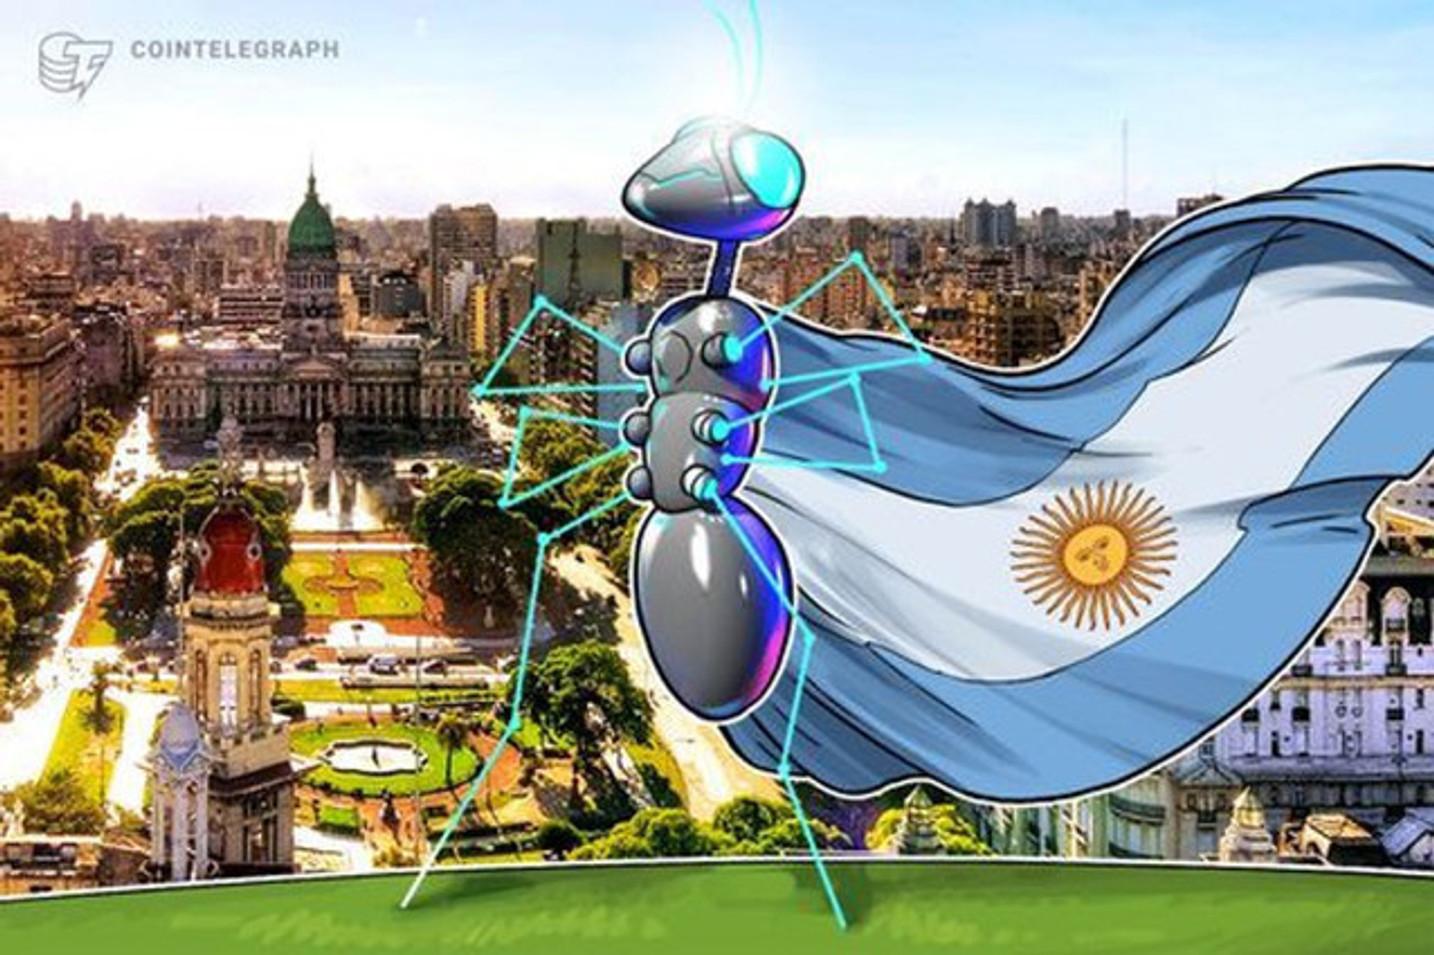 Parlamento público de Misiones en Argentina propone Programa financiero con tecnología Blockchain